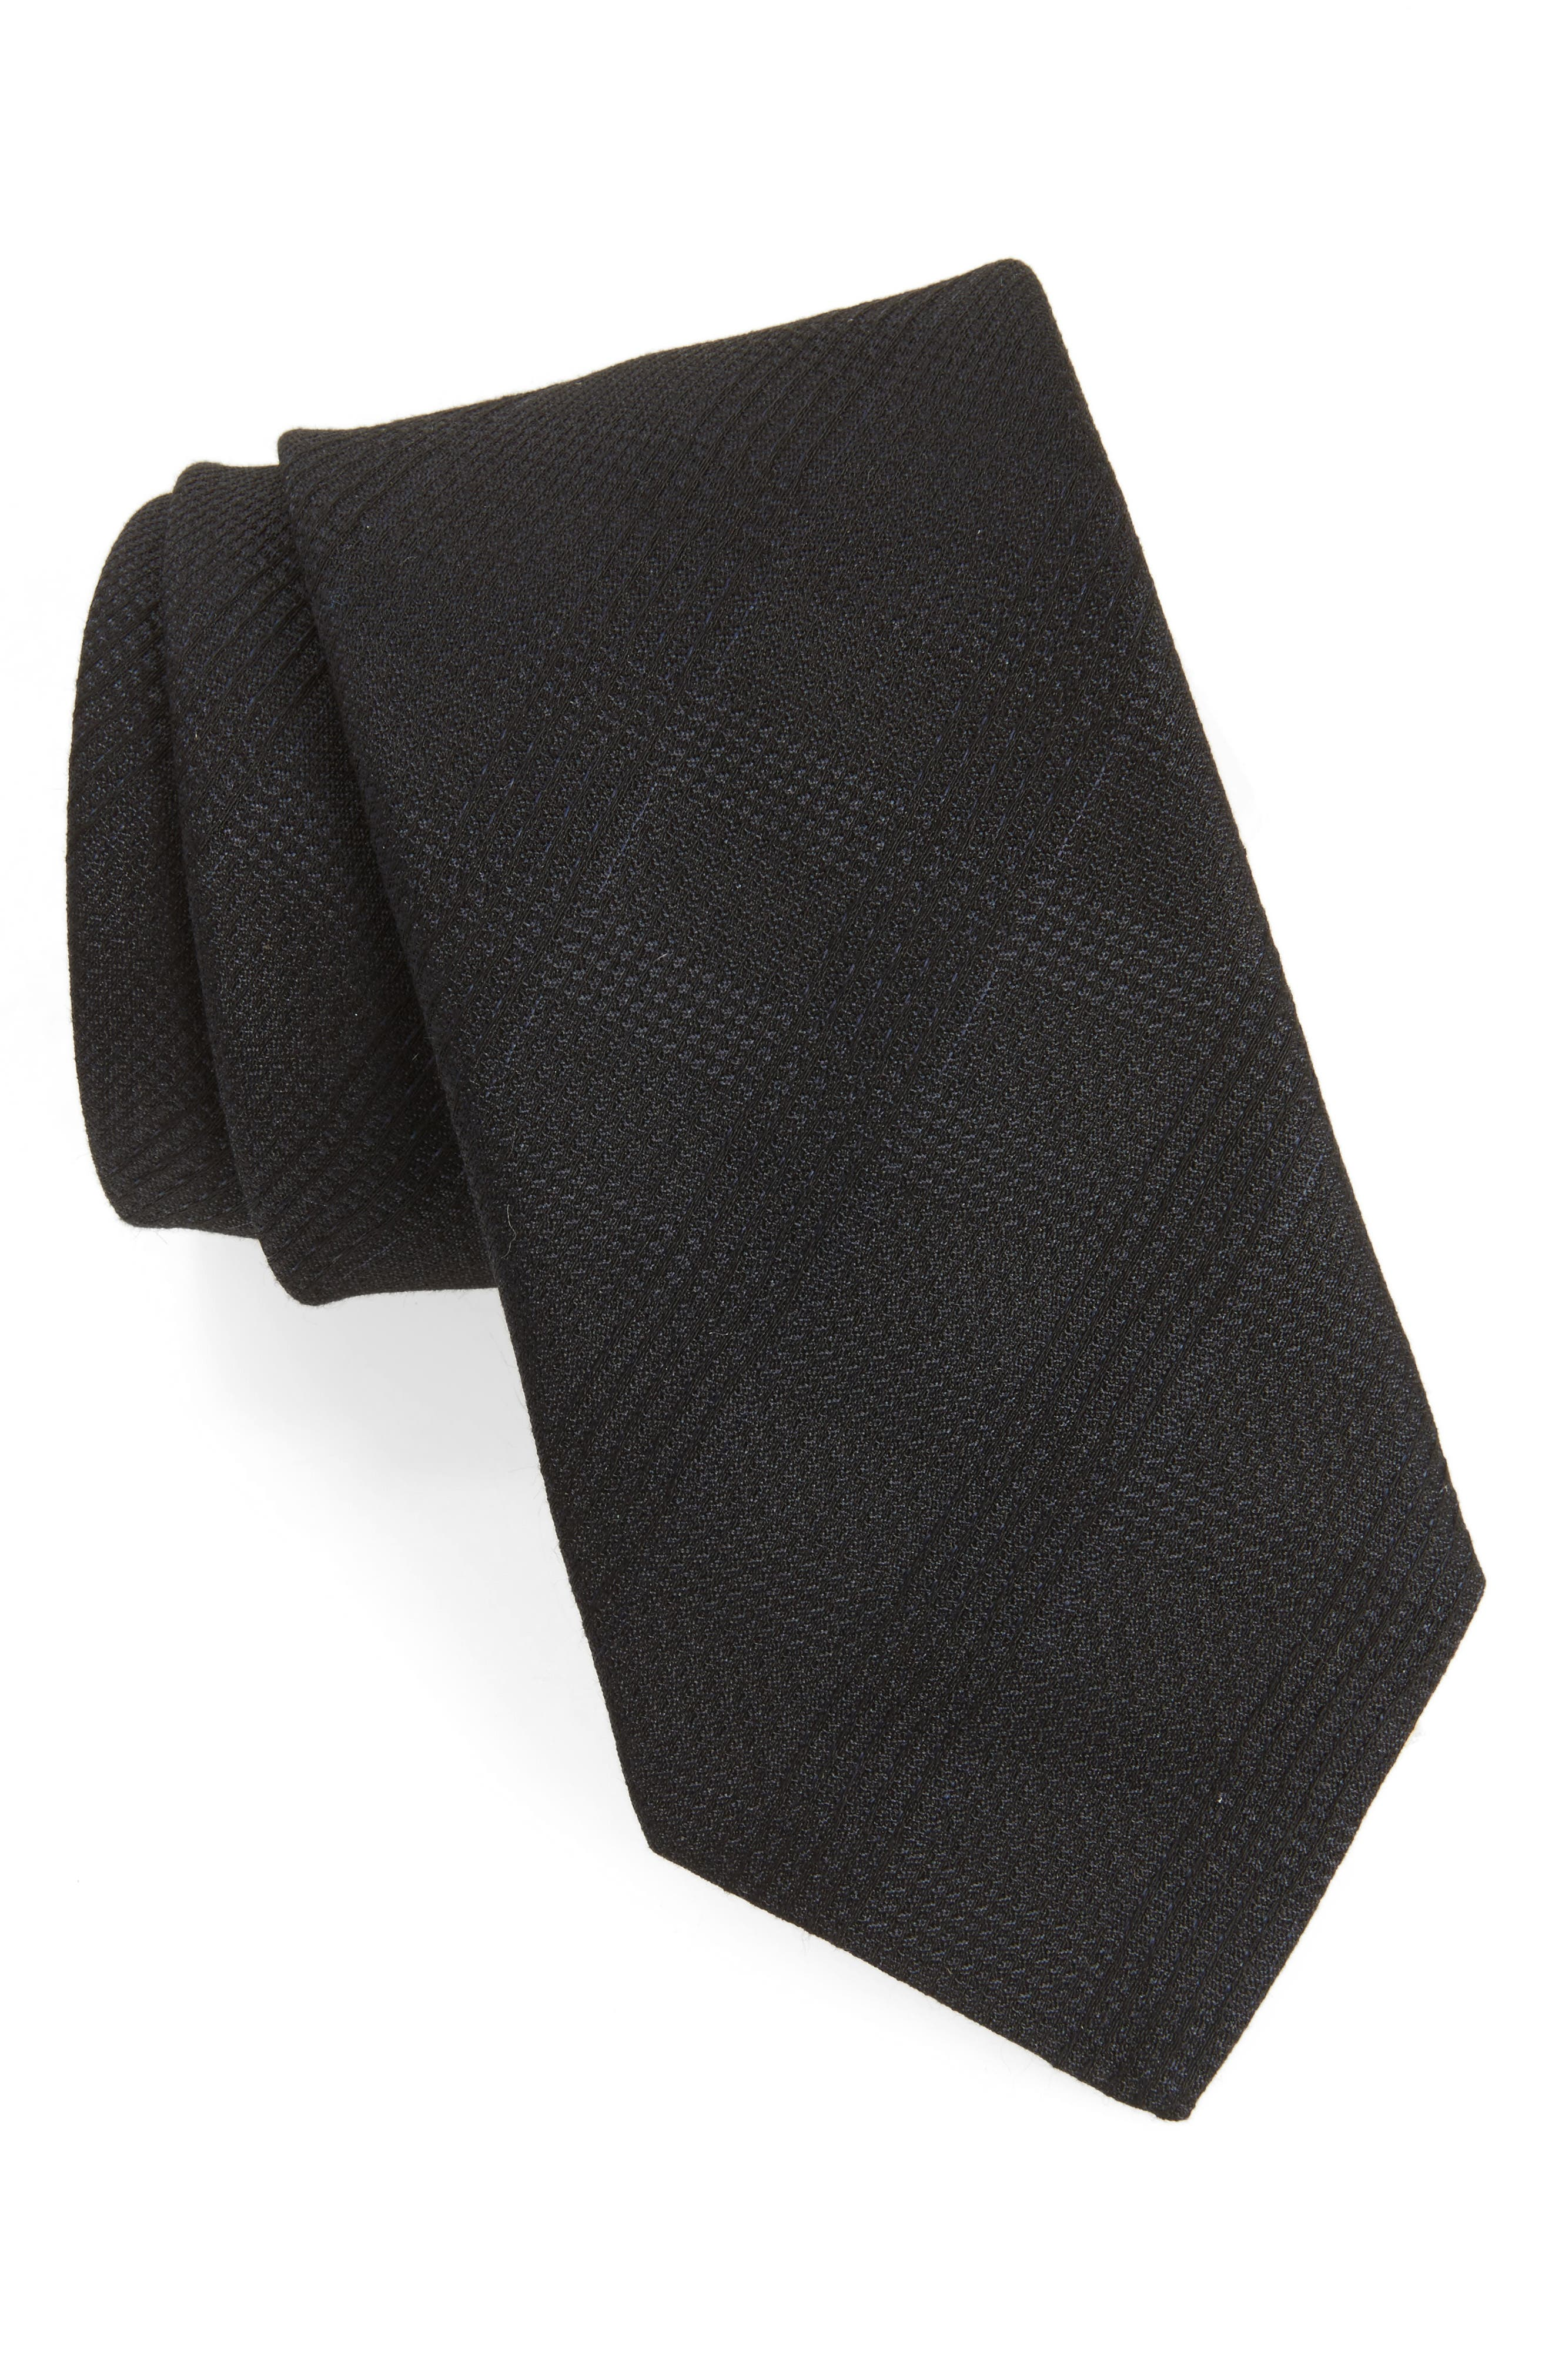 Check Weave Tie,                             Main thumbnail 1, color,                             Black